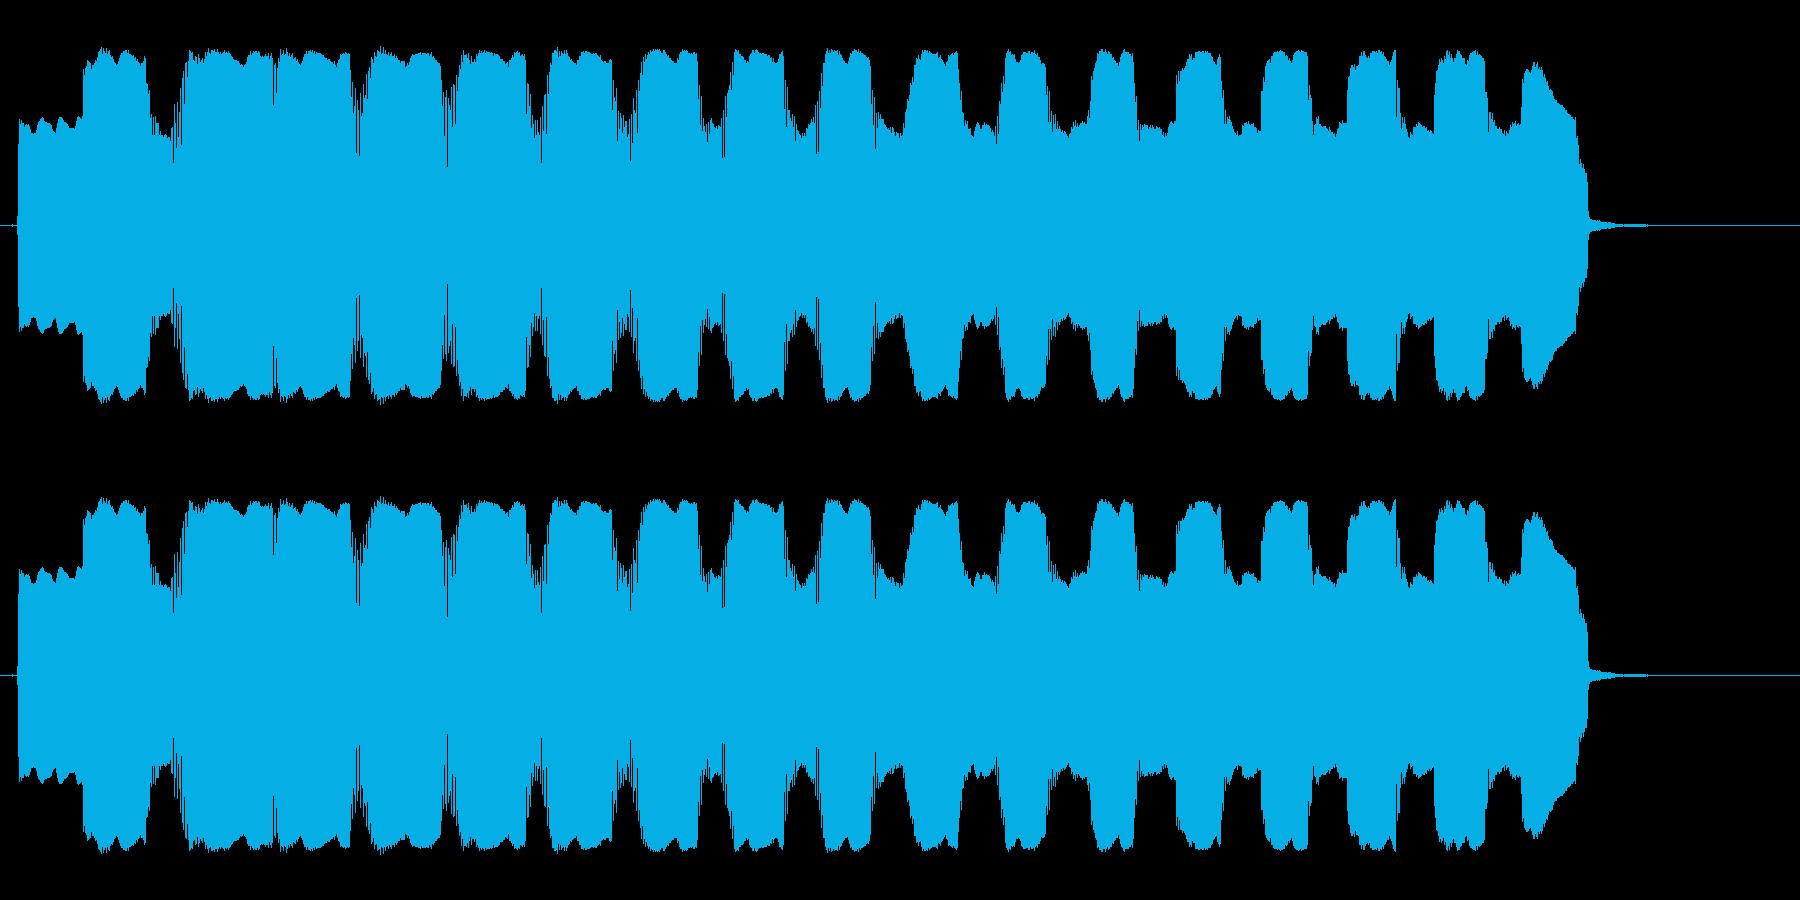 ピヨーンピロピロピロ(近未来の機械音)の再生済みの波形